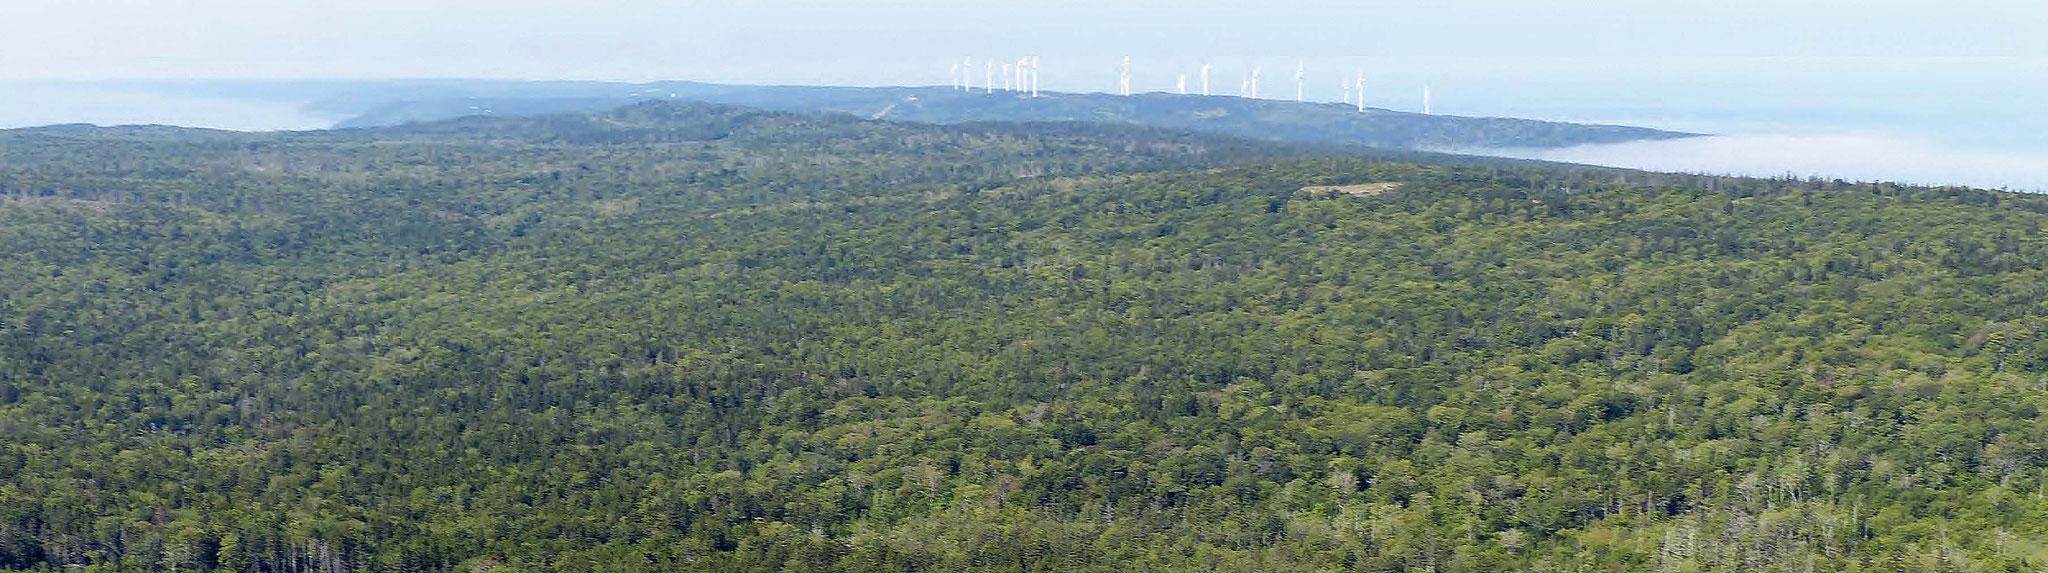 title:Weymouth Forest,title2:Wald mit Ufer,provinz:Nova Scotia,bezirk:Digby,art:Mischwald,flaeche: 1.159 ha,ufer:3.085 Meter,preis:auf Anfrage